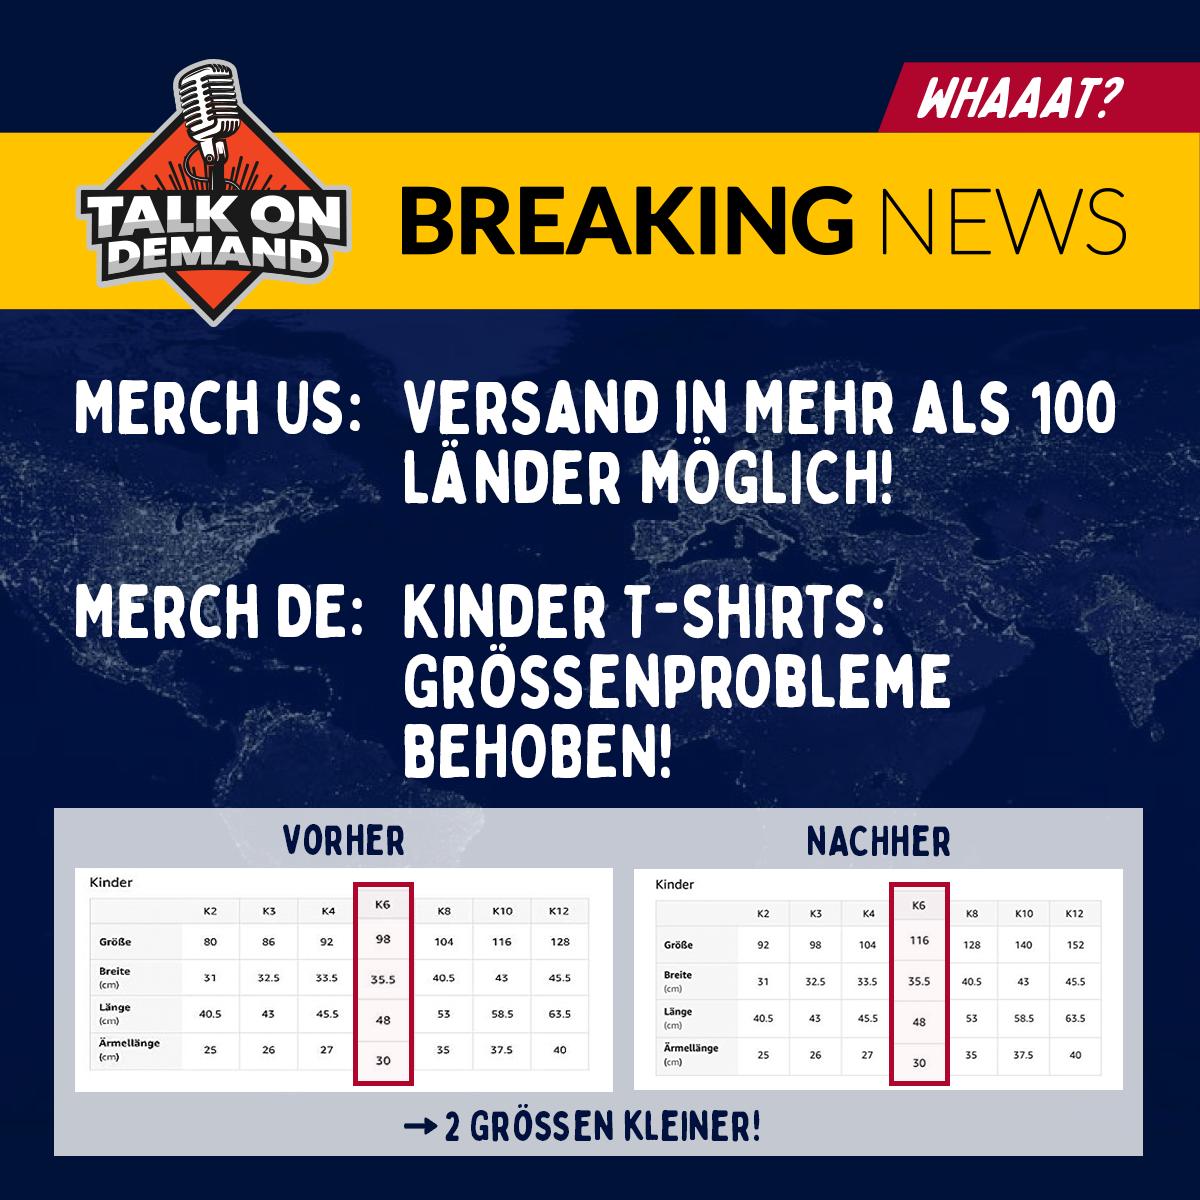 Breaking News: Merch by Amazon USA versendet in mehr als 100 Länder und Merch DE behebt die Probleme mit den Größen der Kinder T-Shirts!